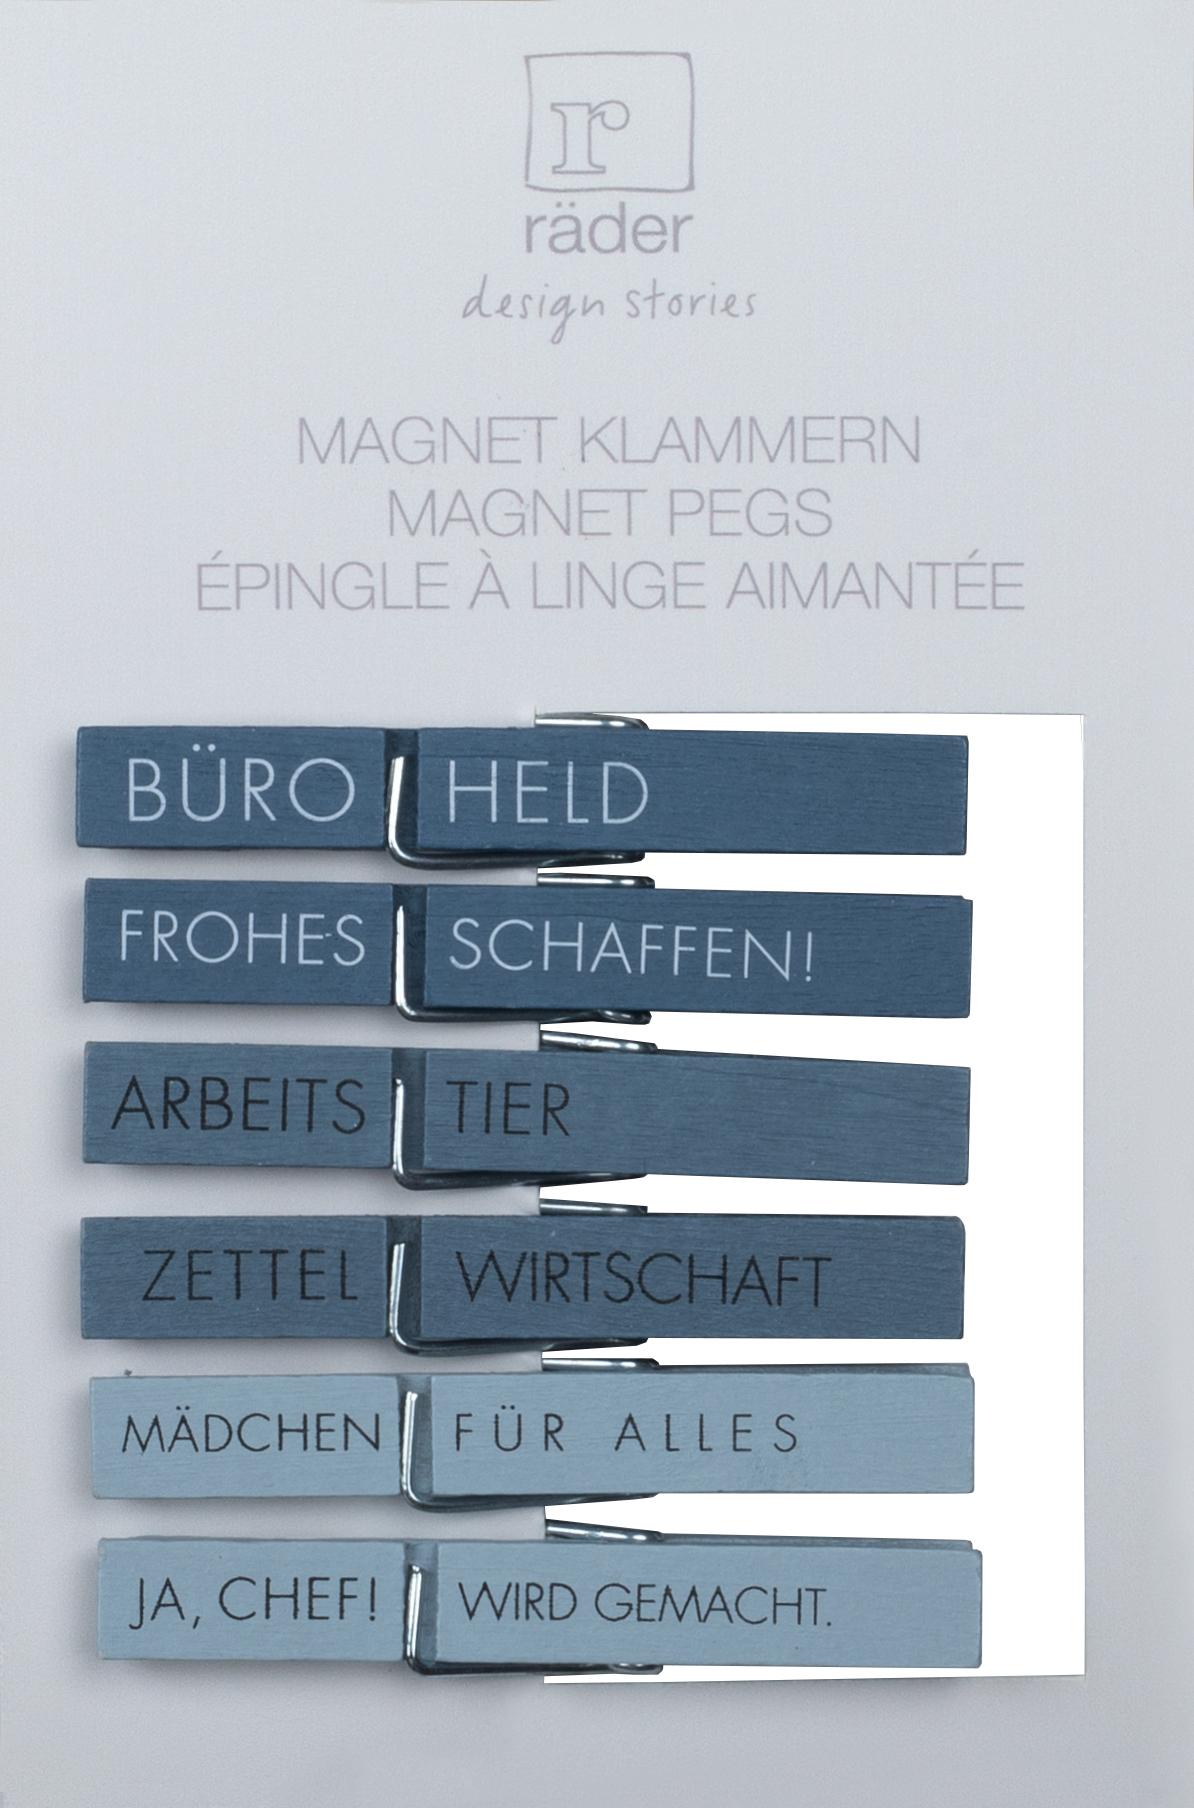 Witzigschilder - Magnet Klammern Büroheld Frohes Schaffen Zettelwirtschaft Arbeitstier ... 6er Set räder Copy - Onlineshop Tante Emmer